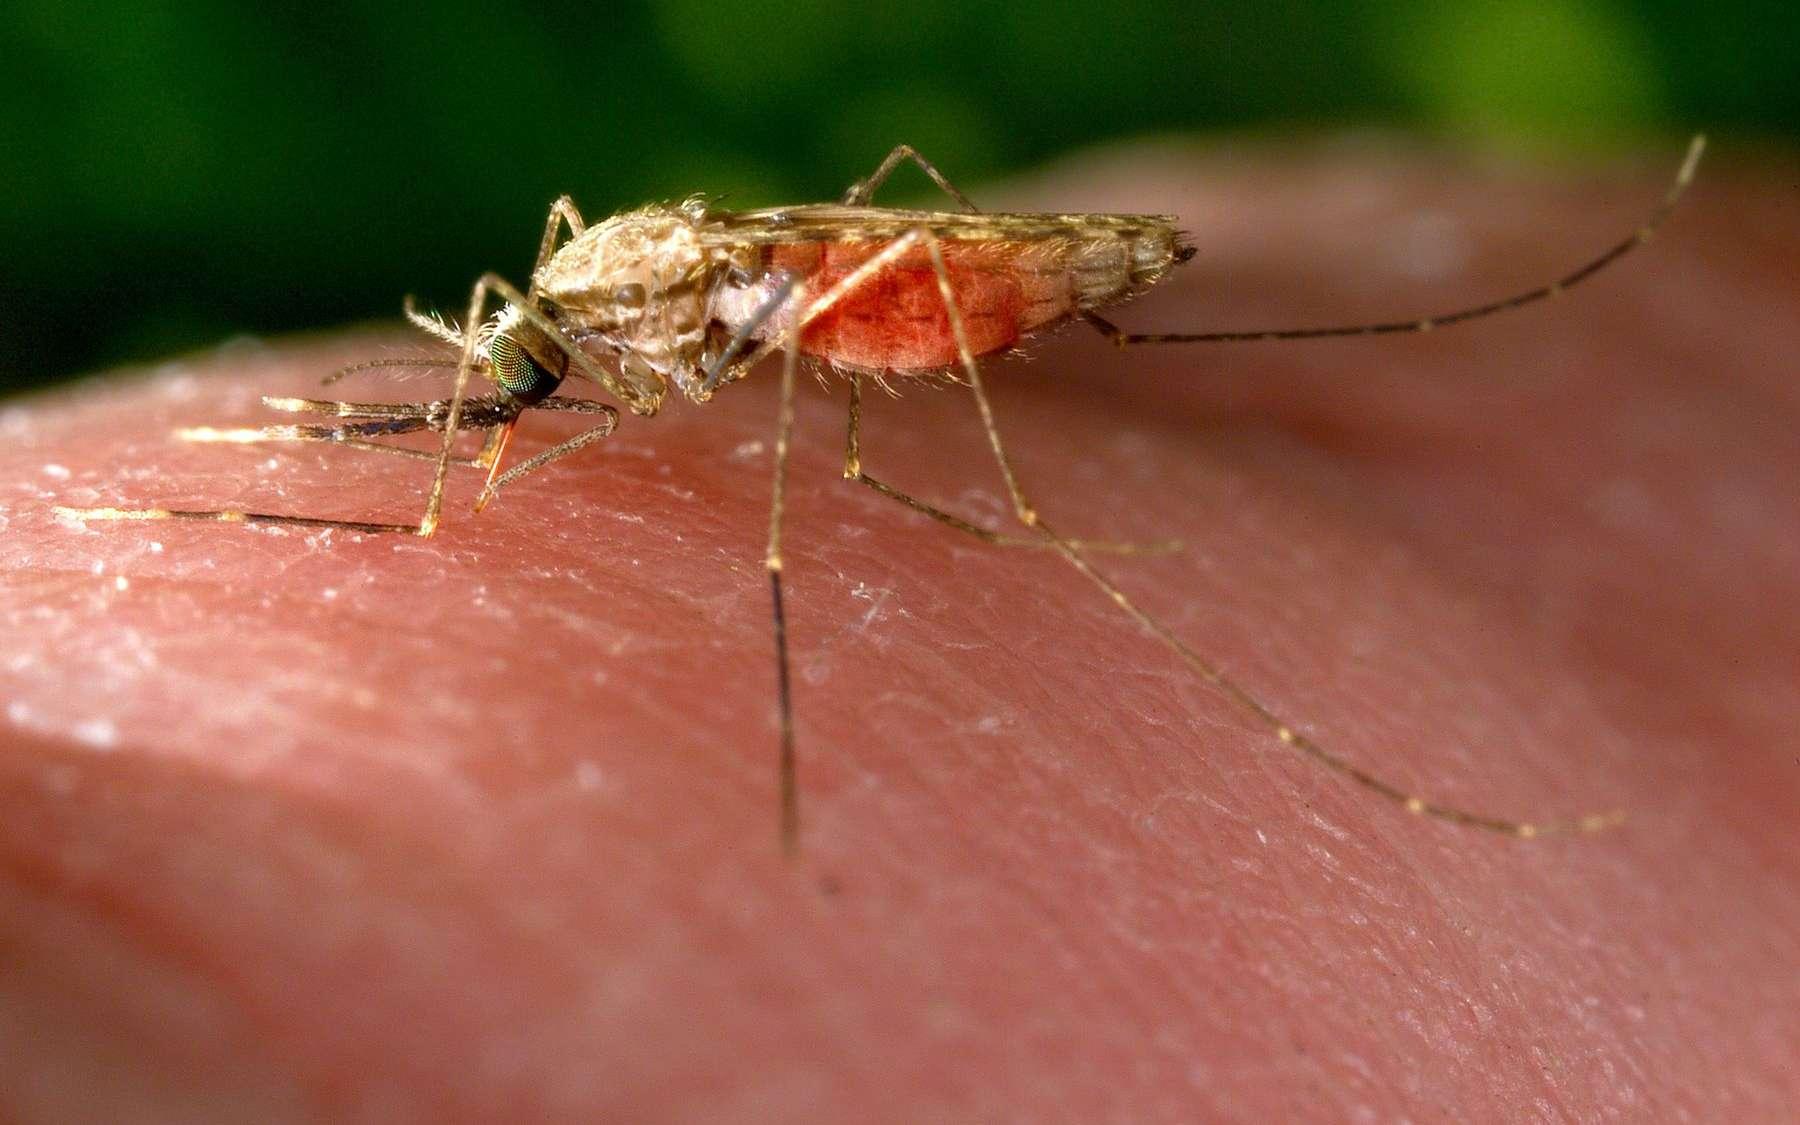 Les anophèles sont des moustiques communs dans certaines régions du monde. Ils figurent parmi les cibles visées par les chercheurs pour stopper la transmission du paludisme, avec plus ou moins de succès... © Jim Gathany, USCDCP, domaine public